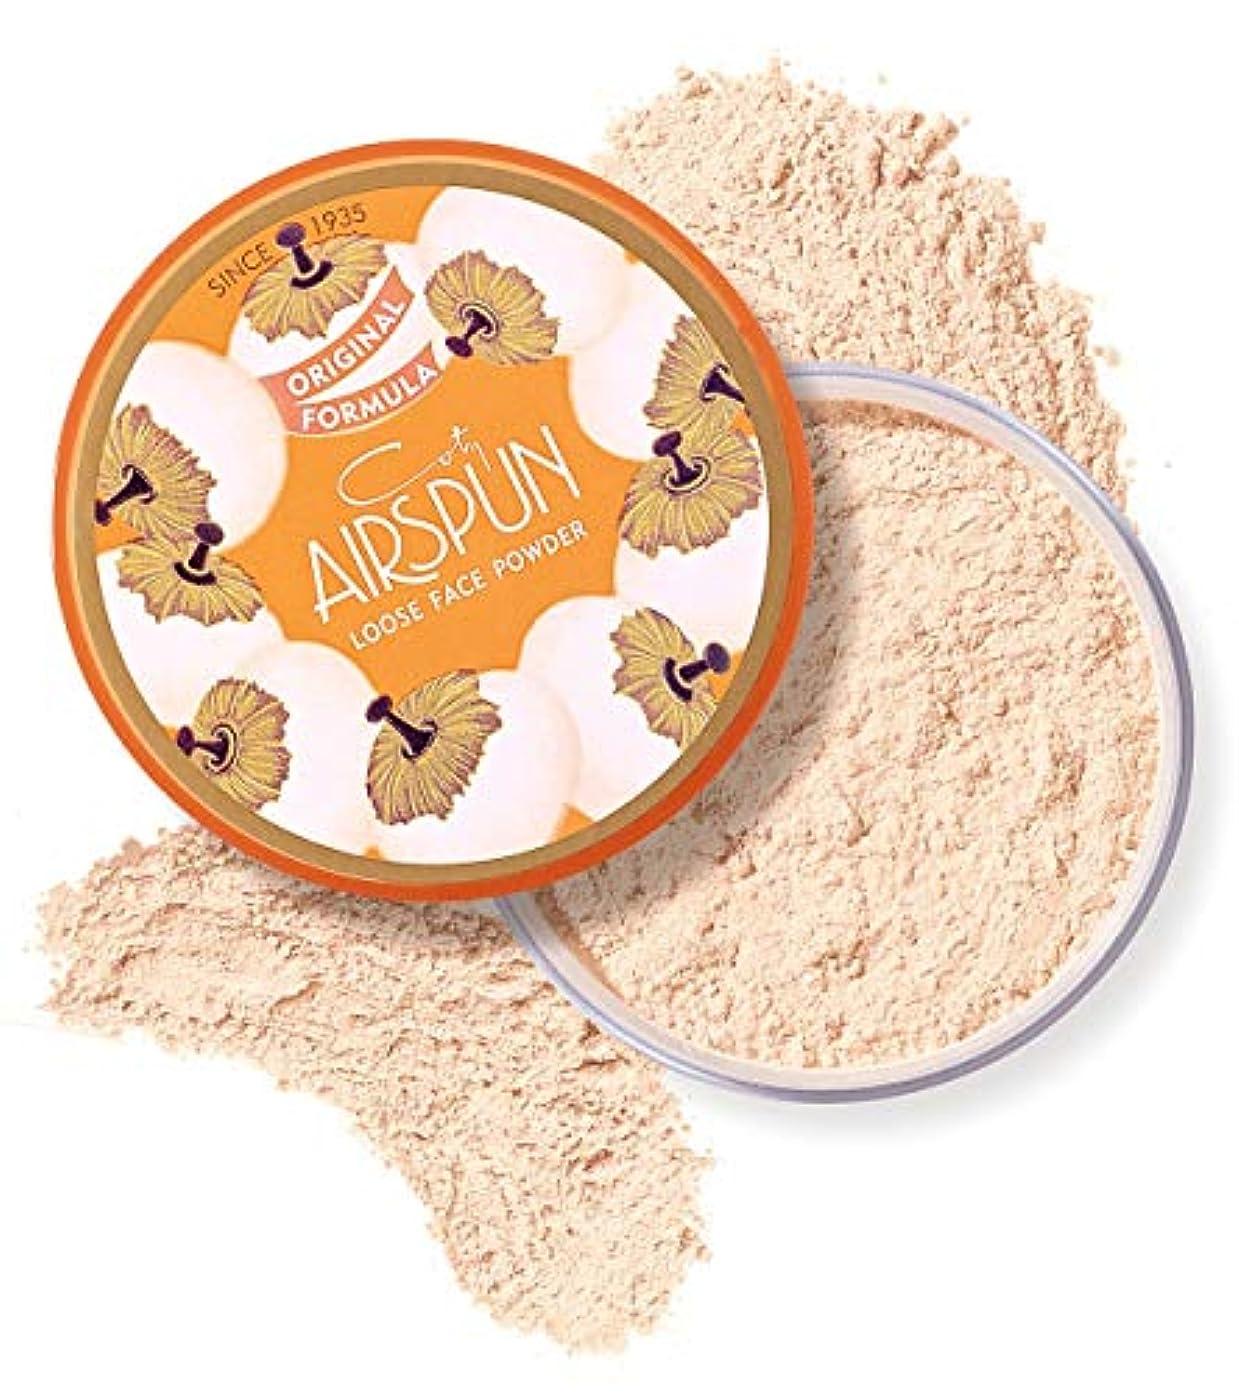 赤要求するプラットフォームCOTY Airspun Loose Face Powder - Translucent (並行輸入品)